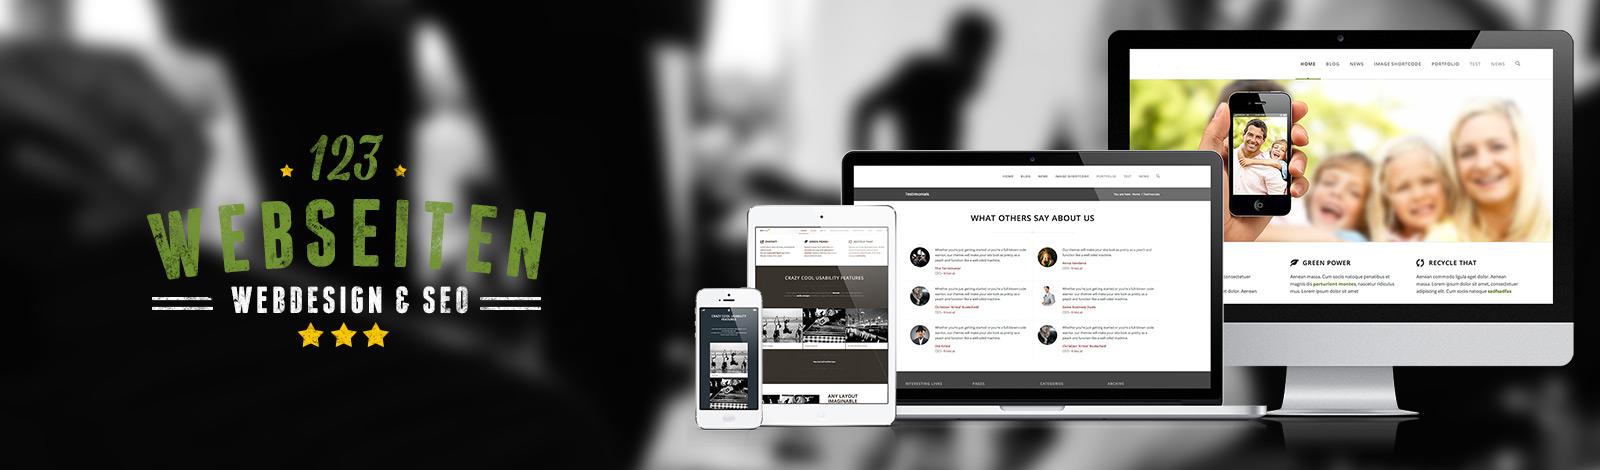 Webdesign Leipzig Webseiten erstellen Homepage gestalten Onlineshop